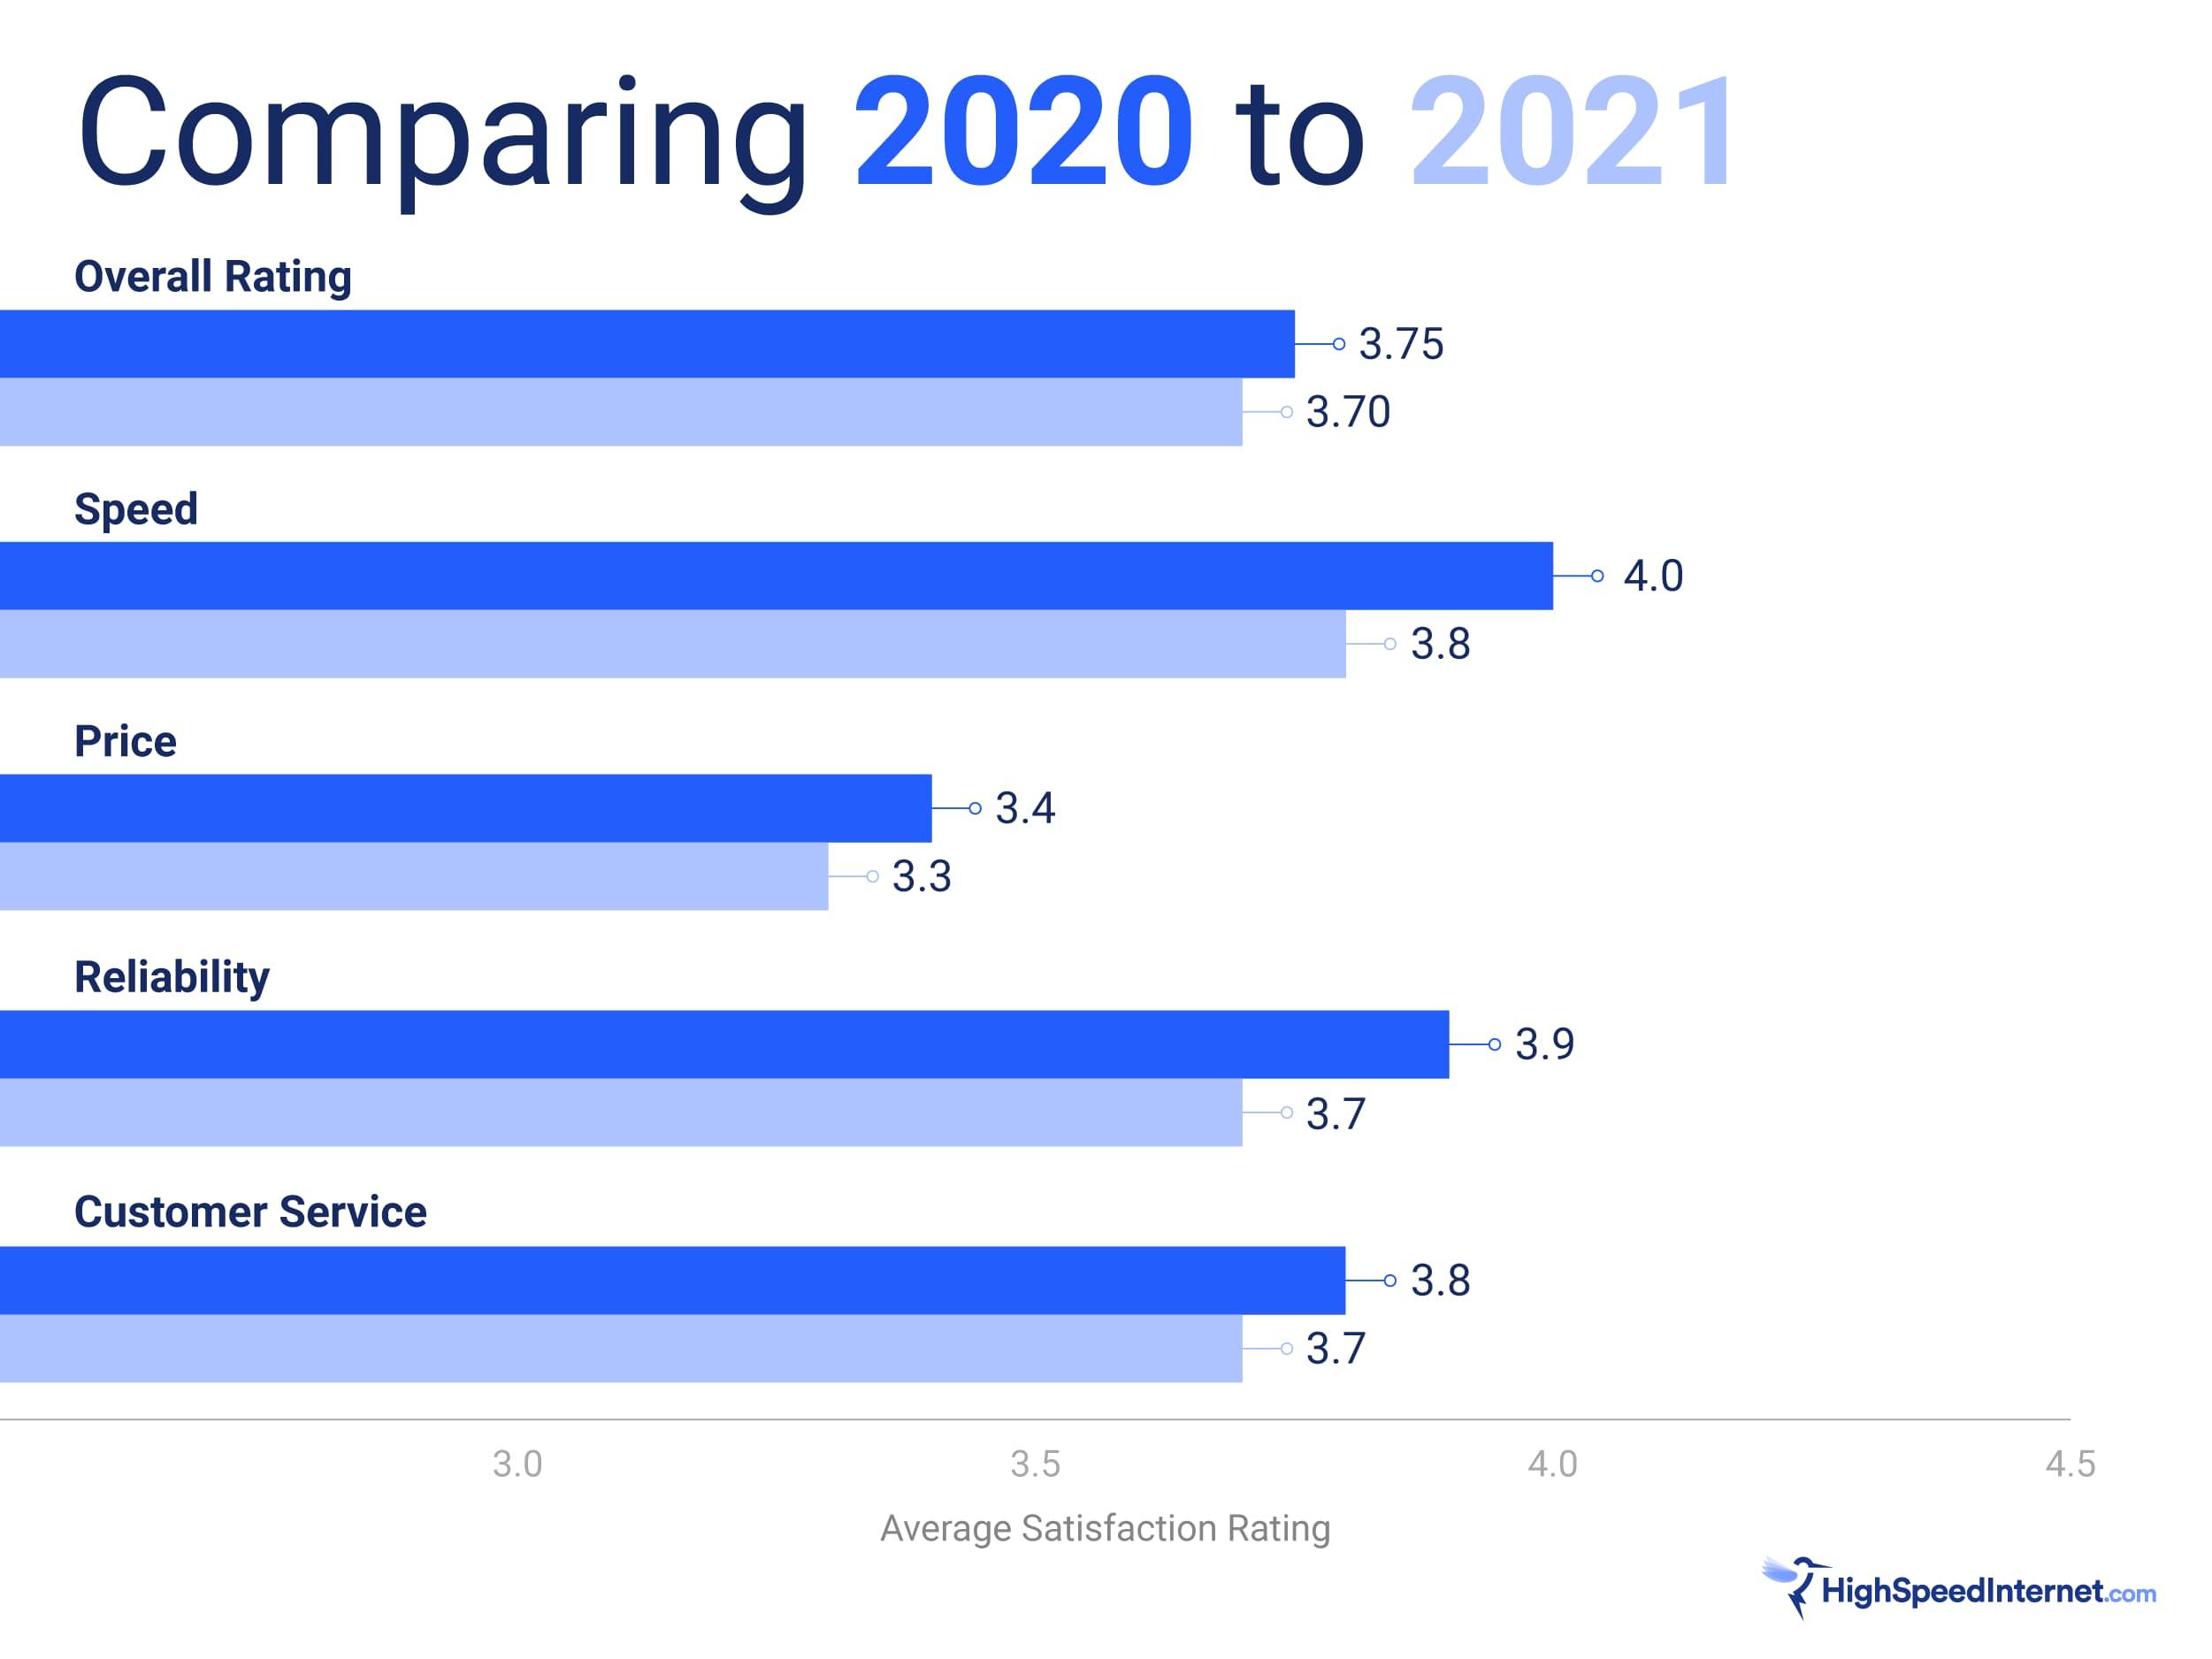 2020 vs 2021 satisfaction comparison chart